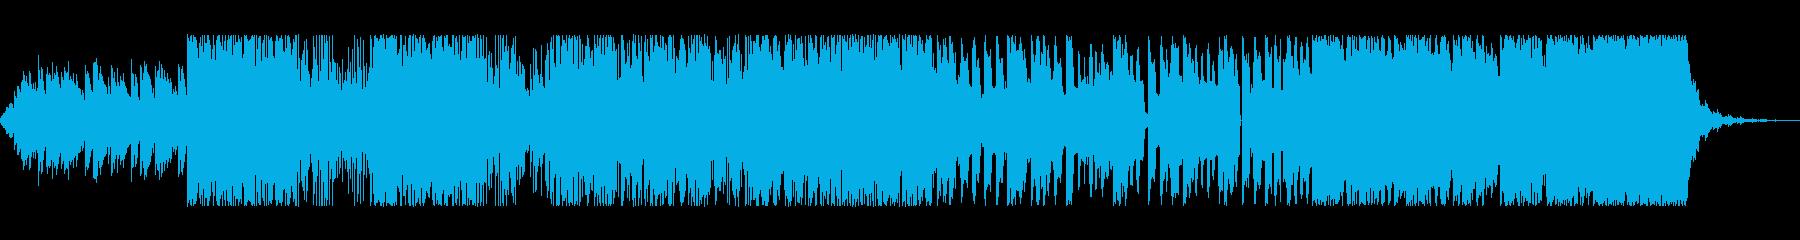 壮大な導入曲の再生済みの波形